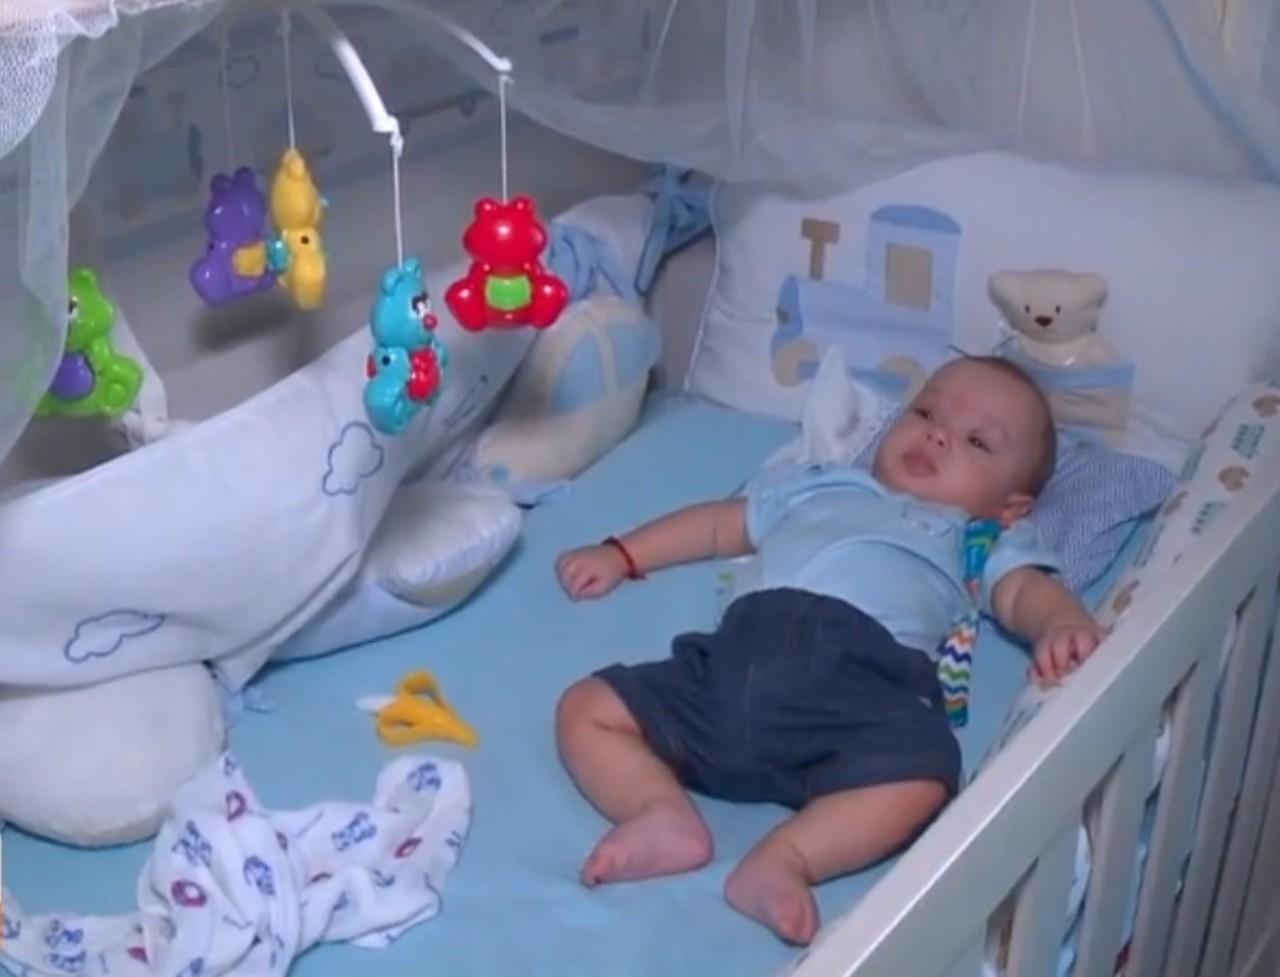 Aluna do projeto 'Samuzinho' salva irmão de sete meses engasgado com leite materno